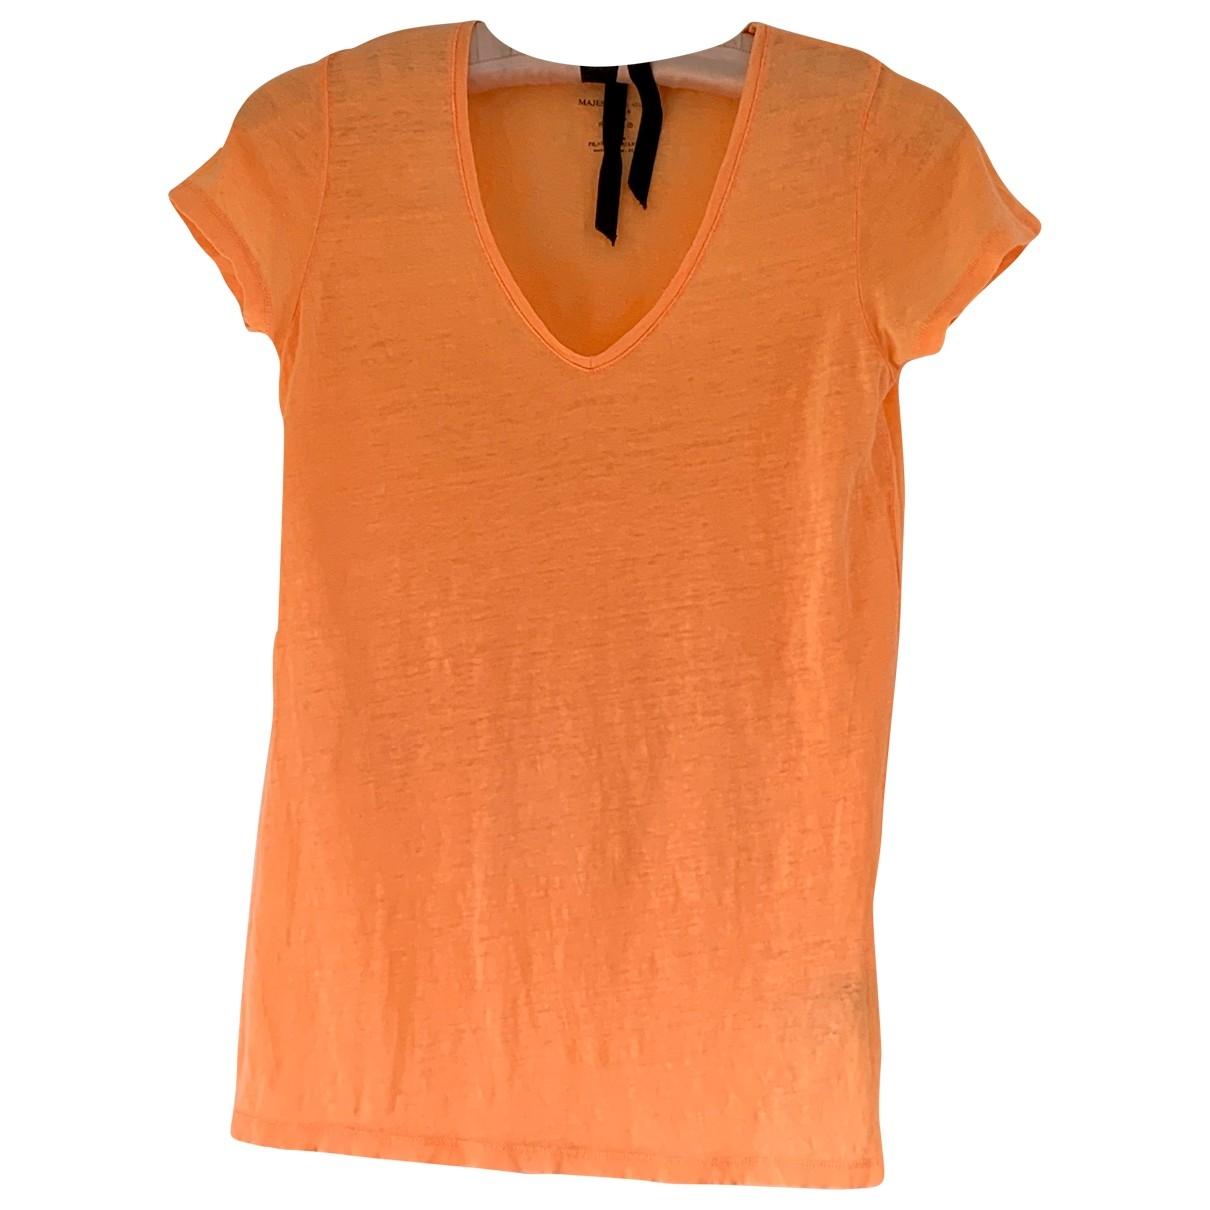 Majestic Filatures - Top   pour femme en lin - orange